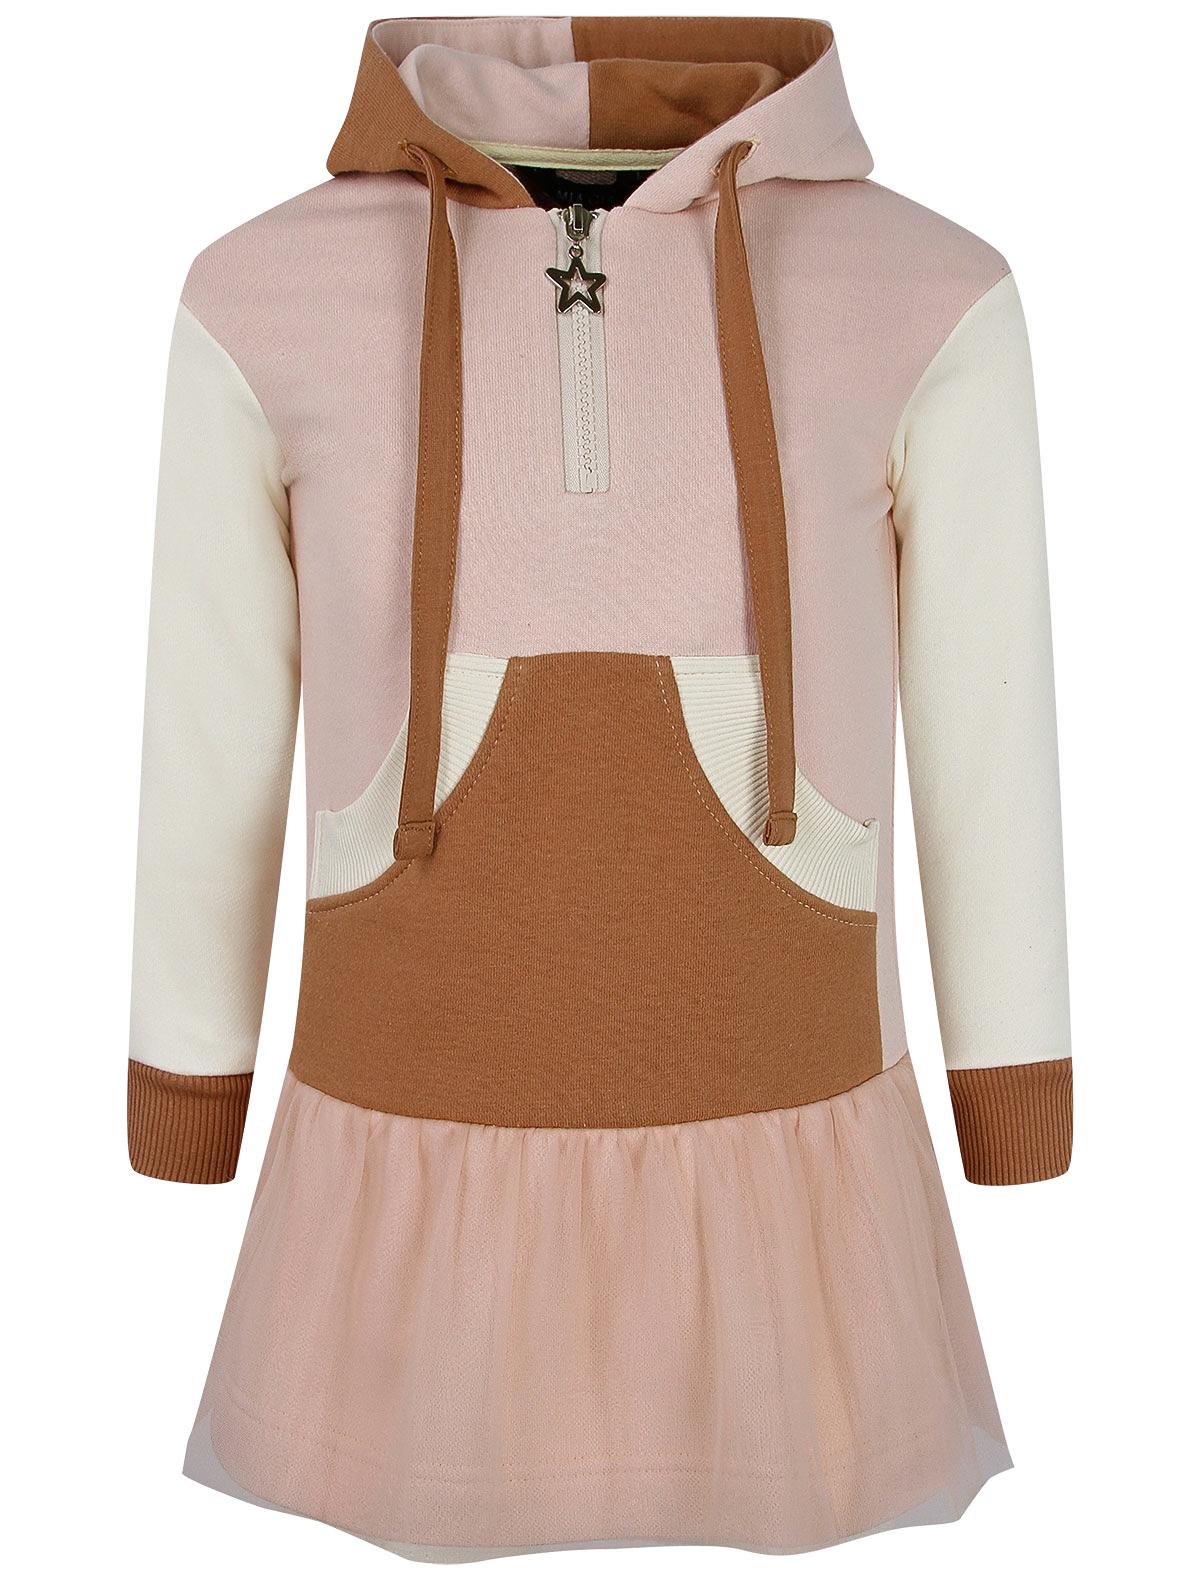 Купить 2268424, Платье MIA GIA, розовый, Женский, 1054500080290